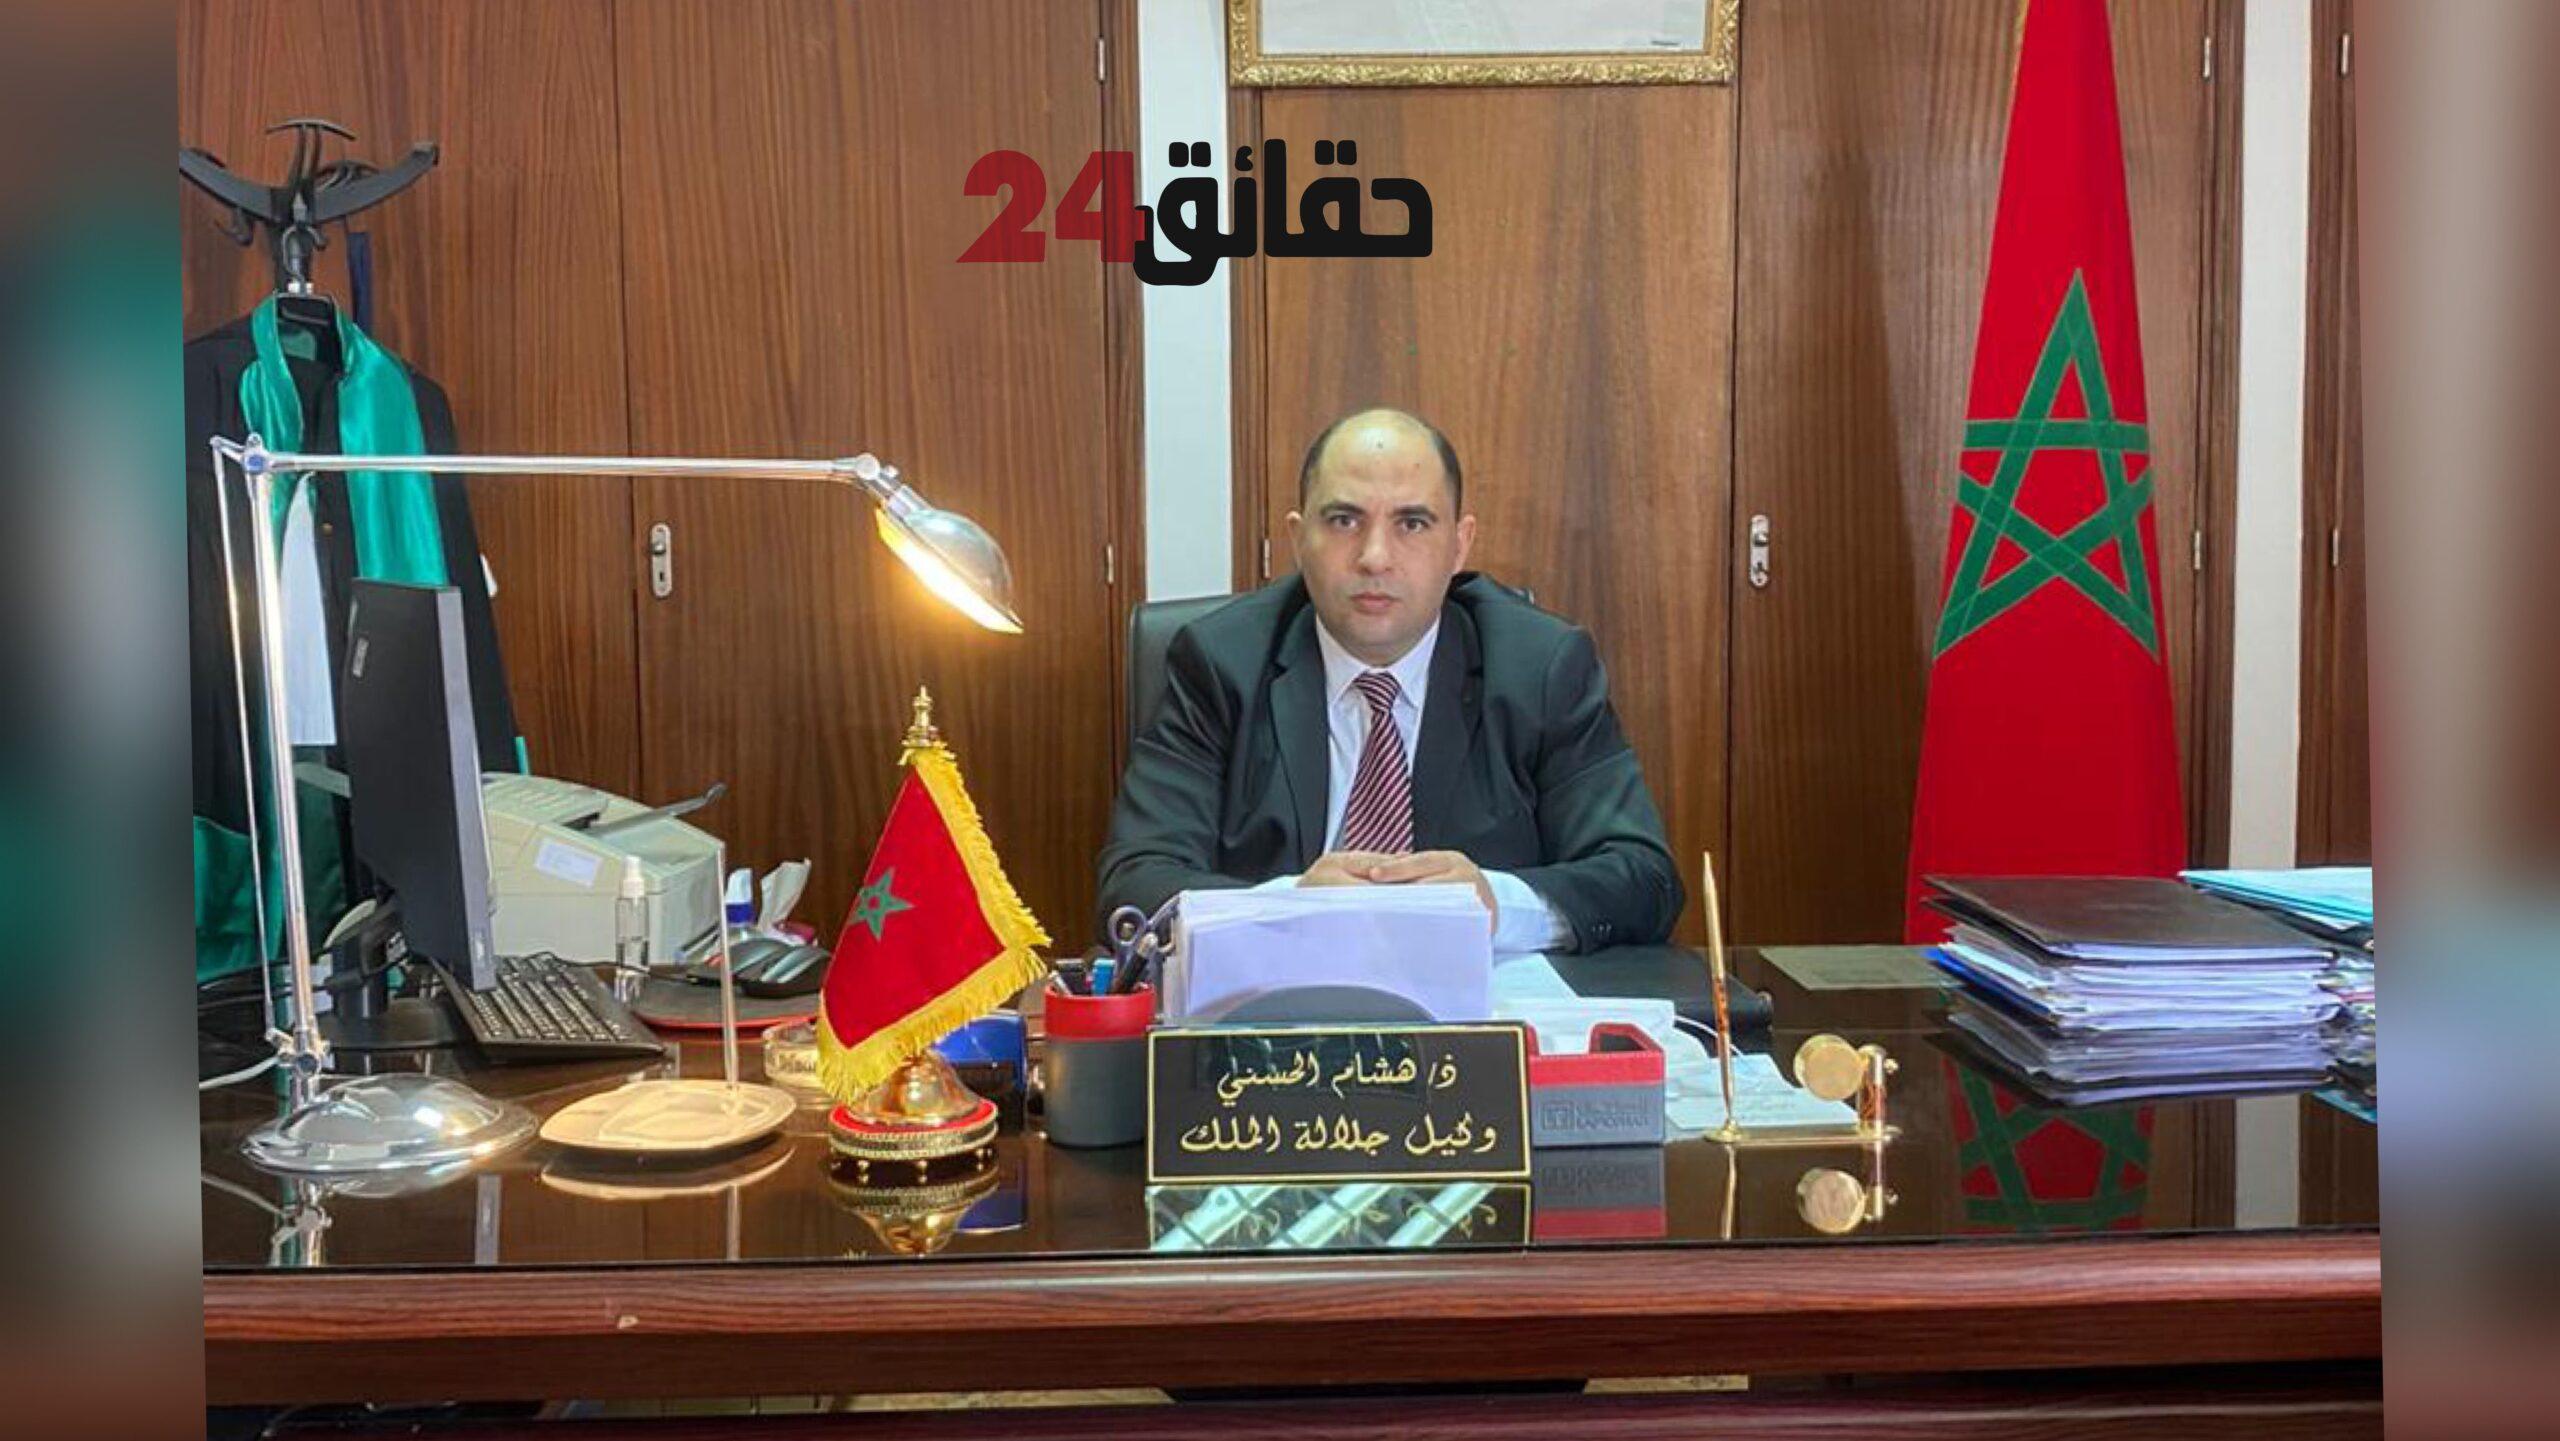 صورة تعيين الأستاذ هشام الحسني وكيلا للملك بابتدائية إنزكان